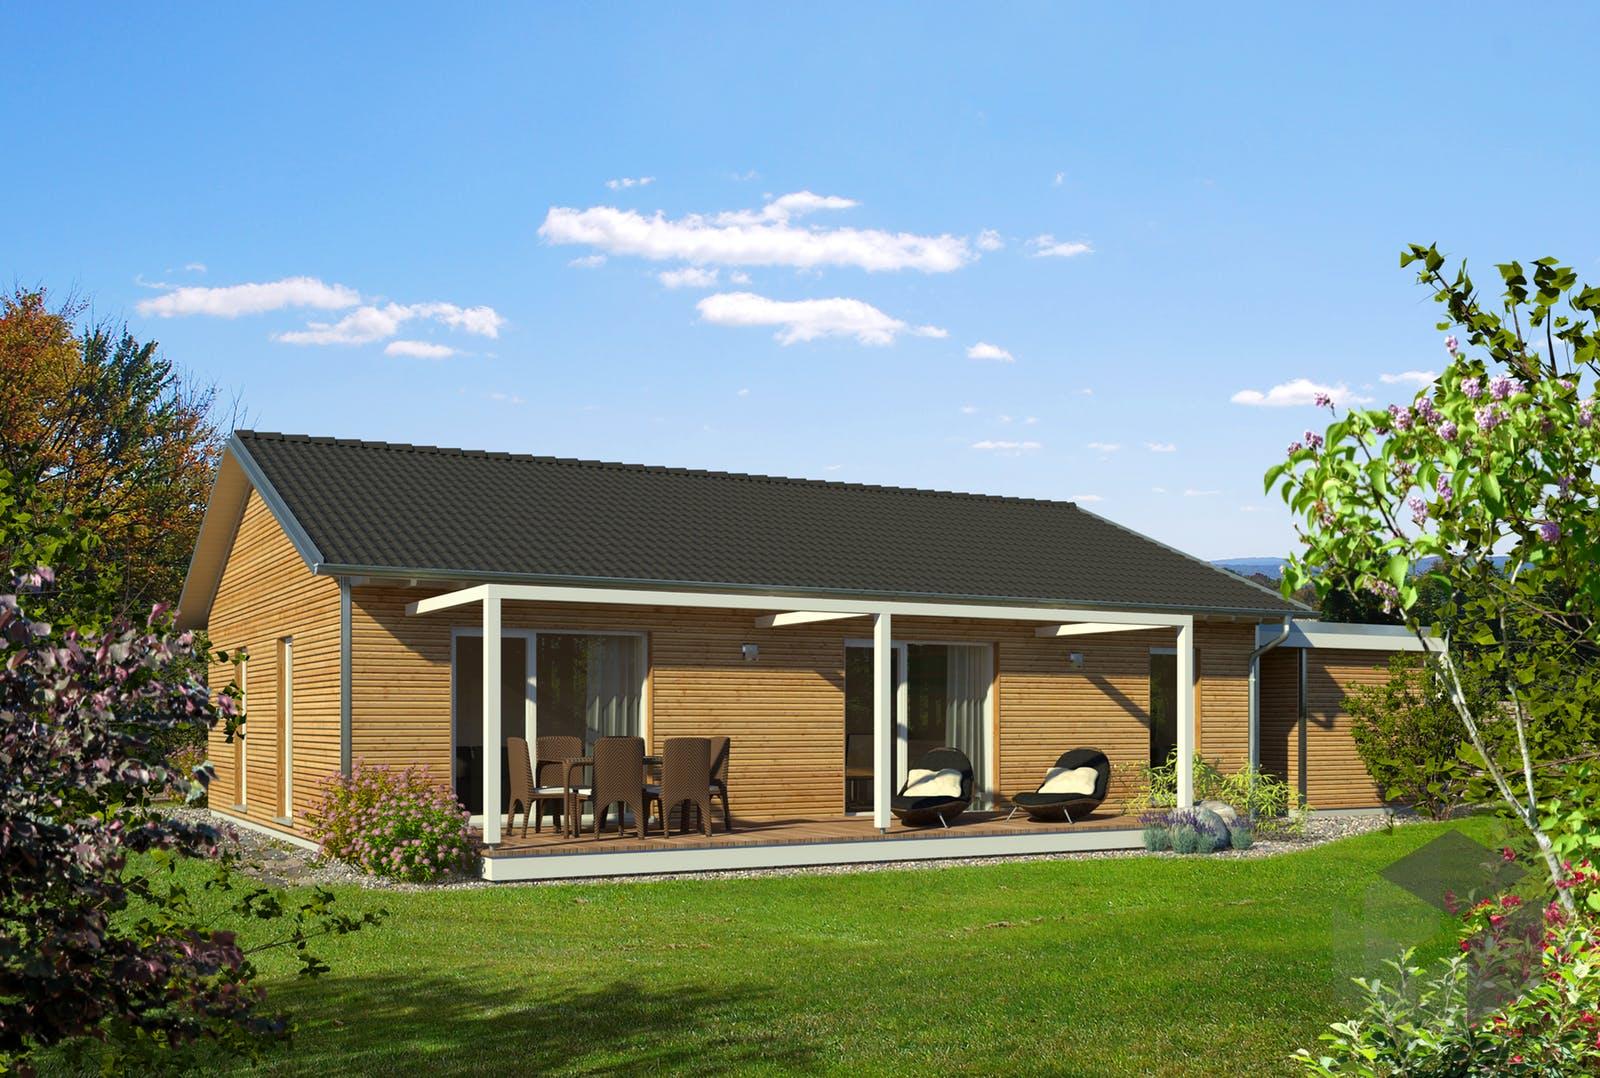 bungalow satteldach von baufritz. Black Bedroom Furniture Sets. Home Design Ideas